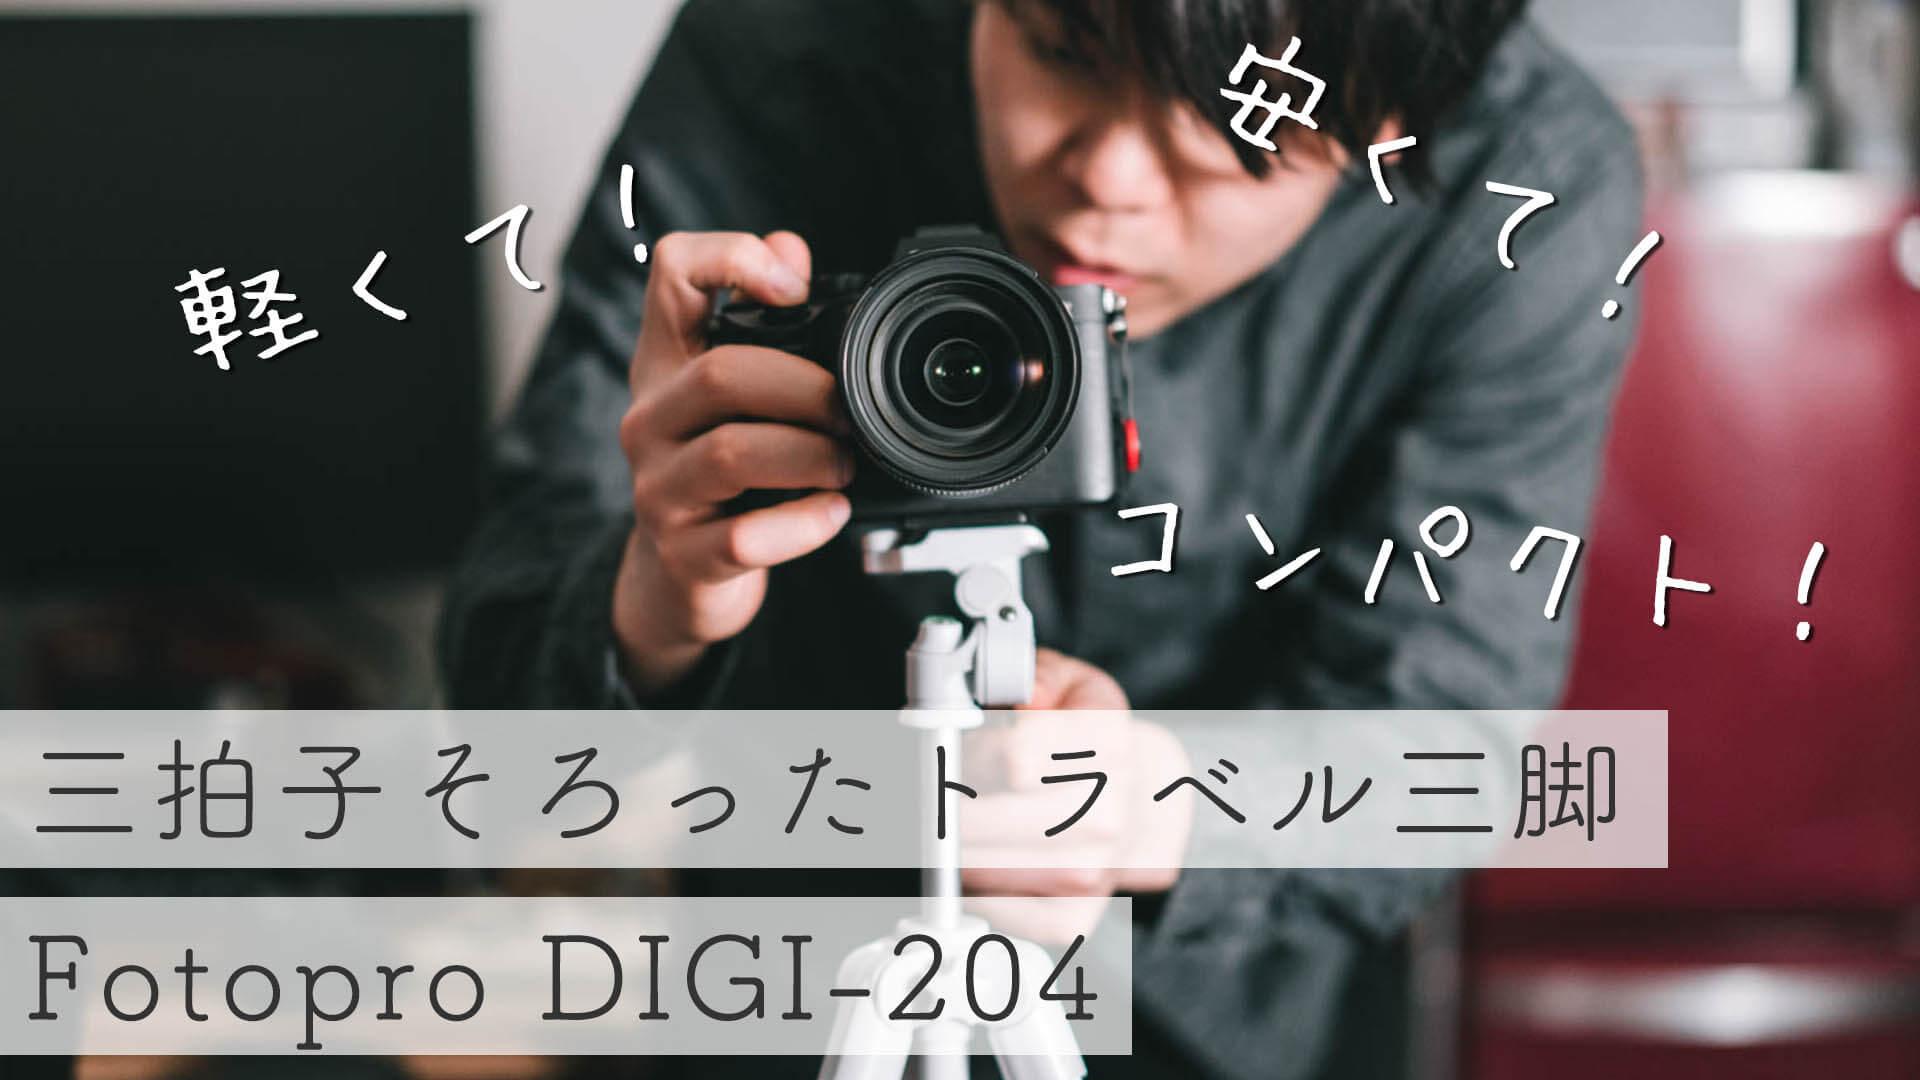 軽くて安くてコンパクト。一眼にも使える三脚 Fotopro「DIGI-204」がおすすめ